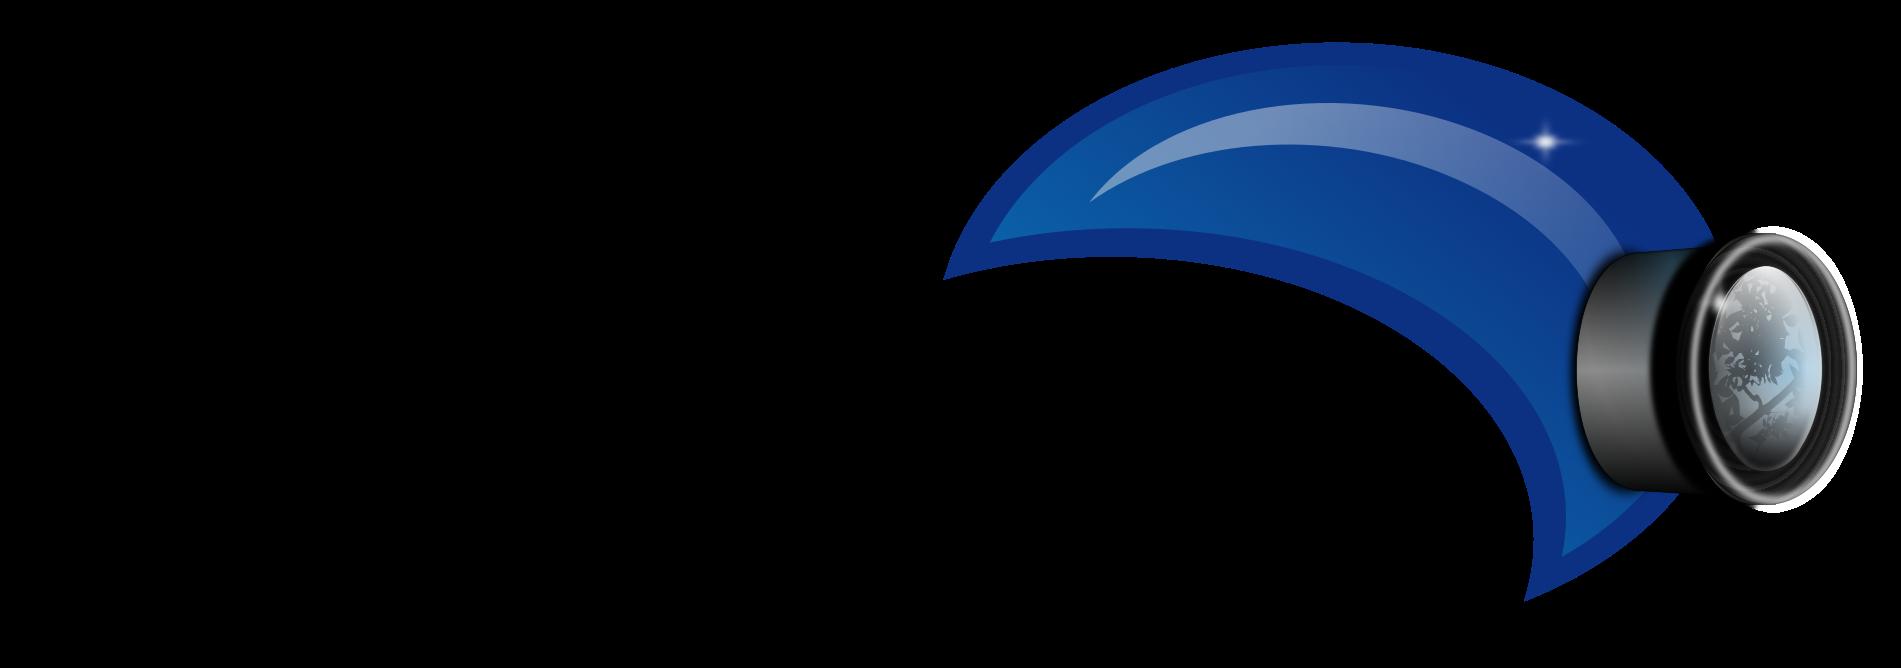 GuiadoCFTV - Tecnologia e Projetos